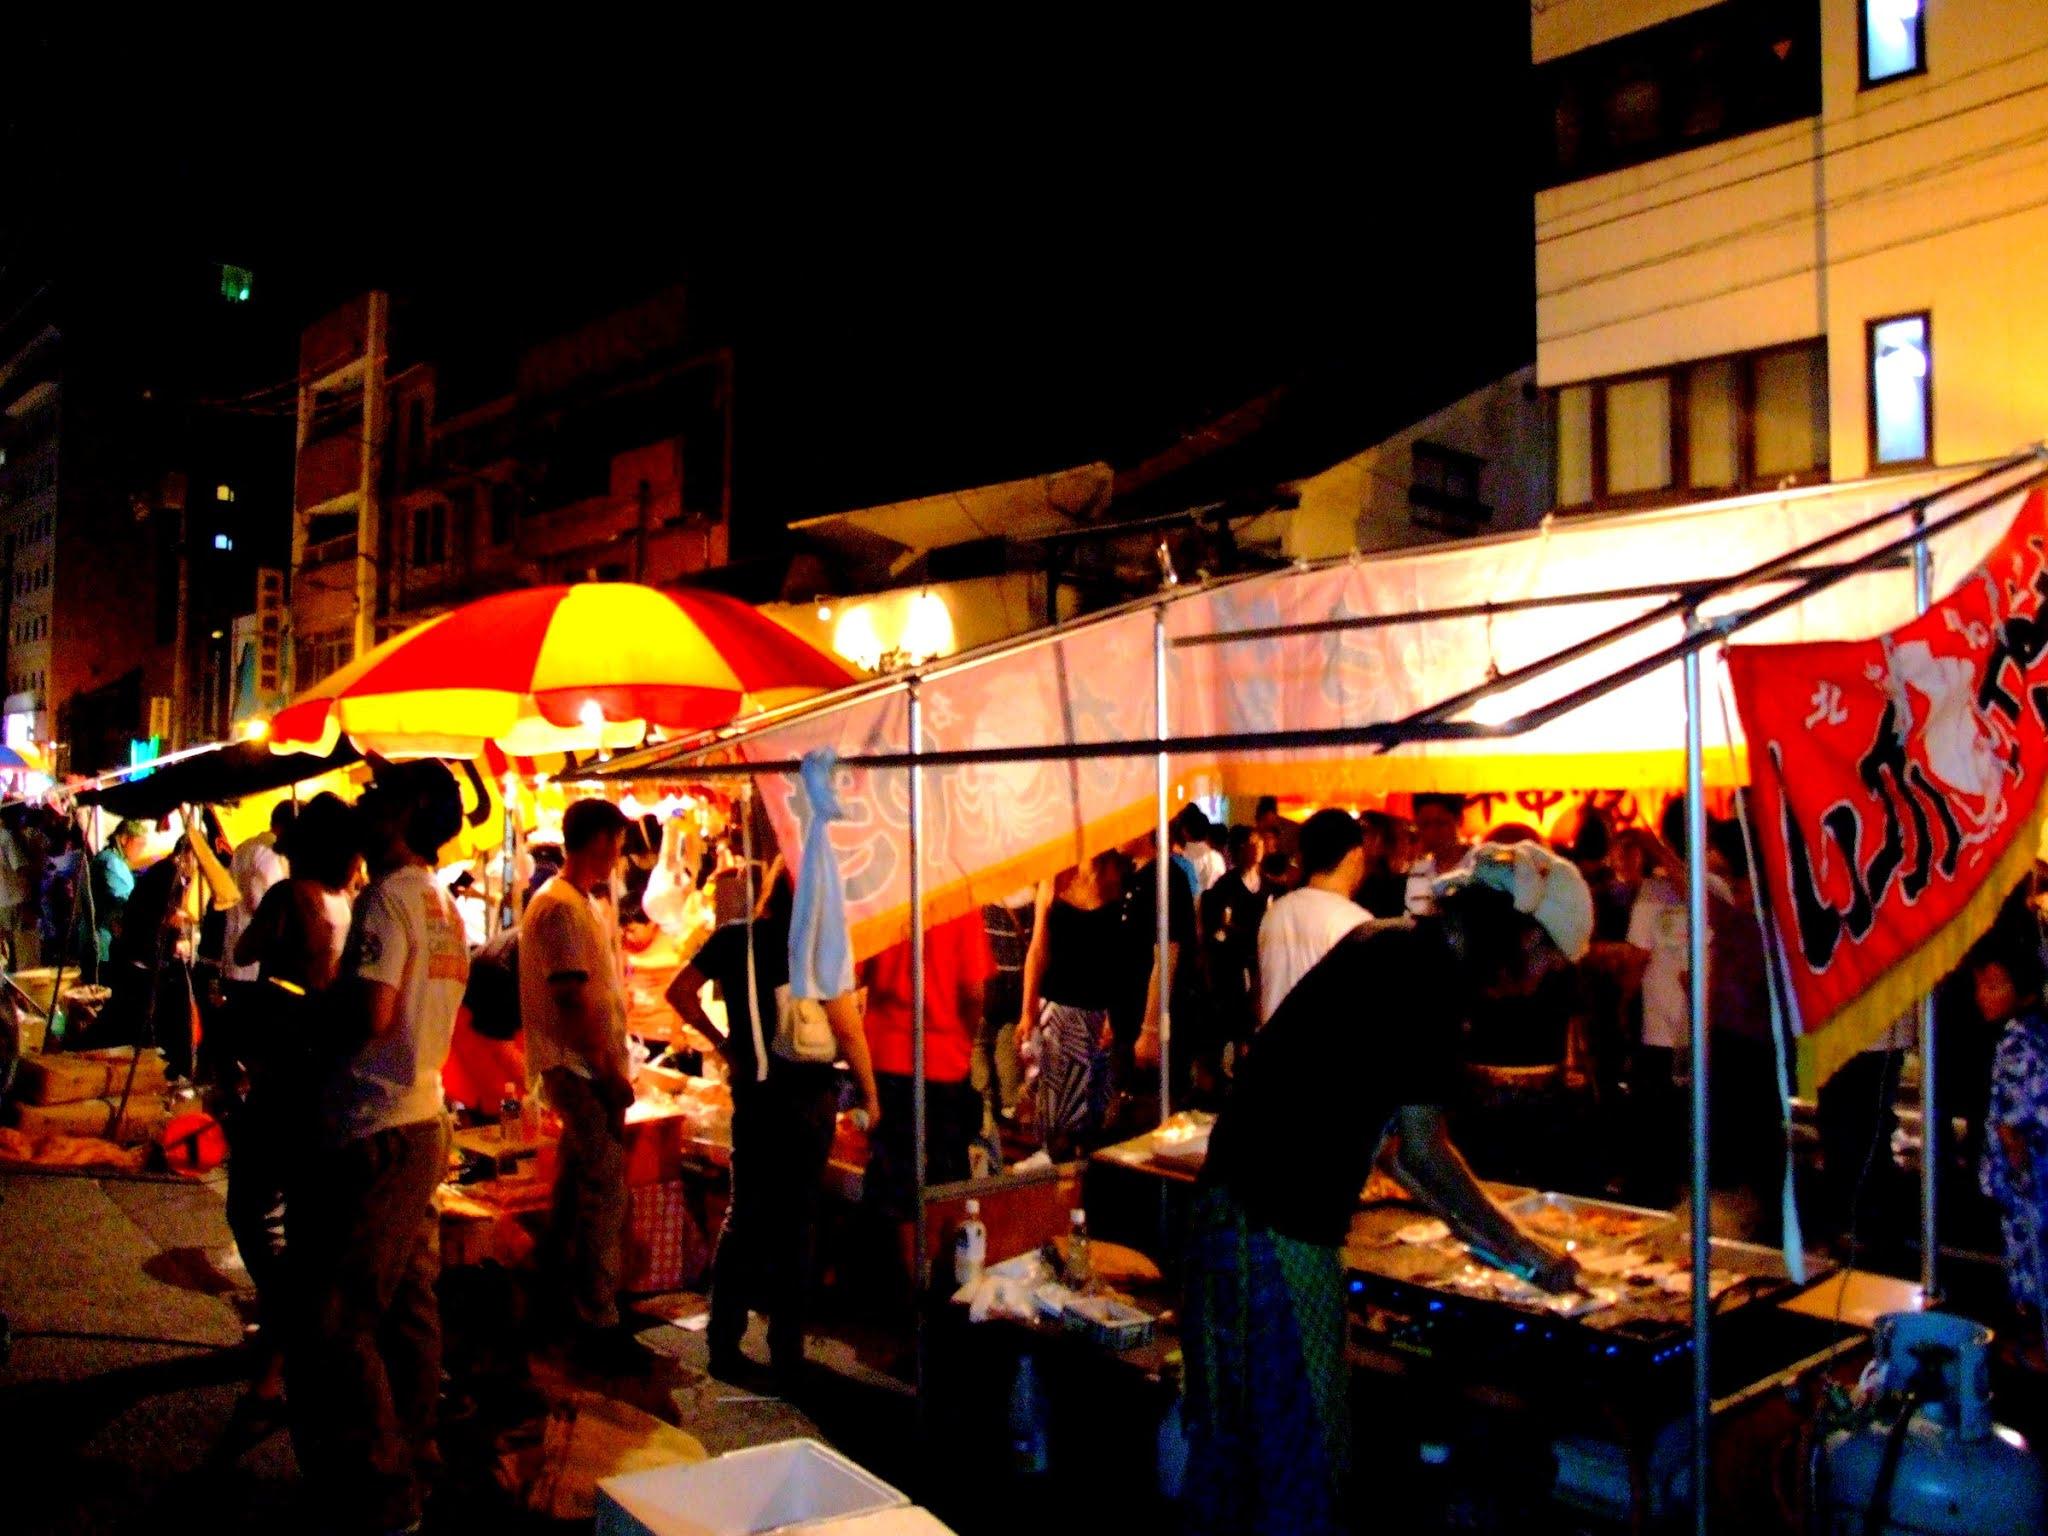 夏祭り,祭り,風景,夜,夏,Summer festival, festival, landscape, night, summer